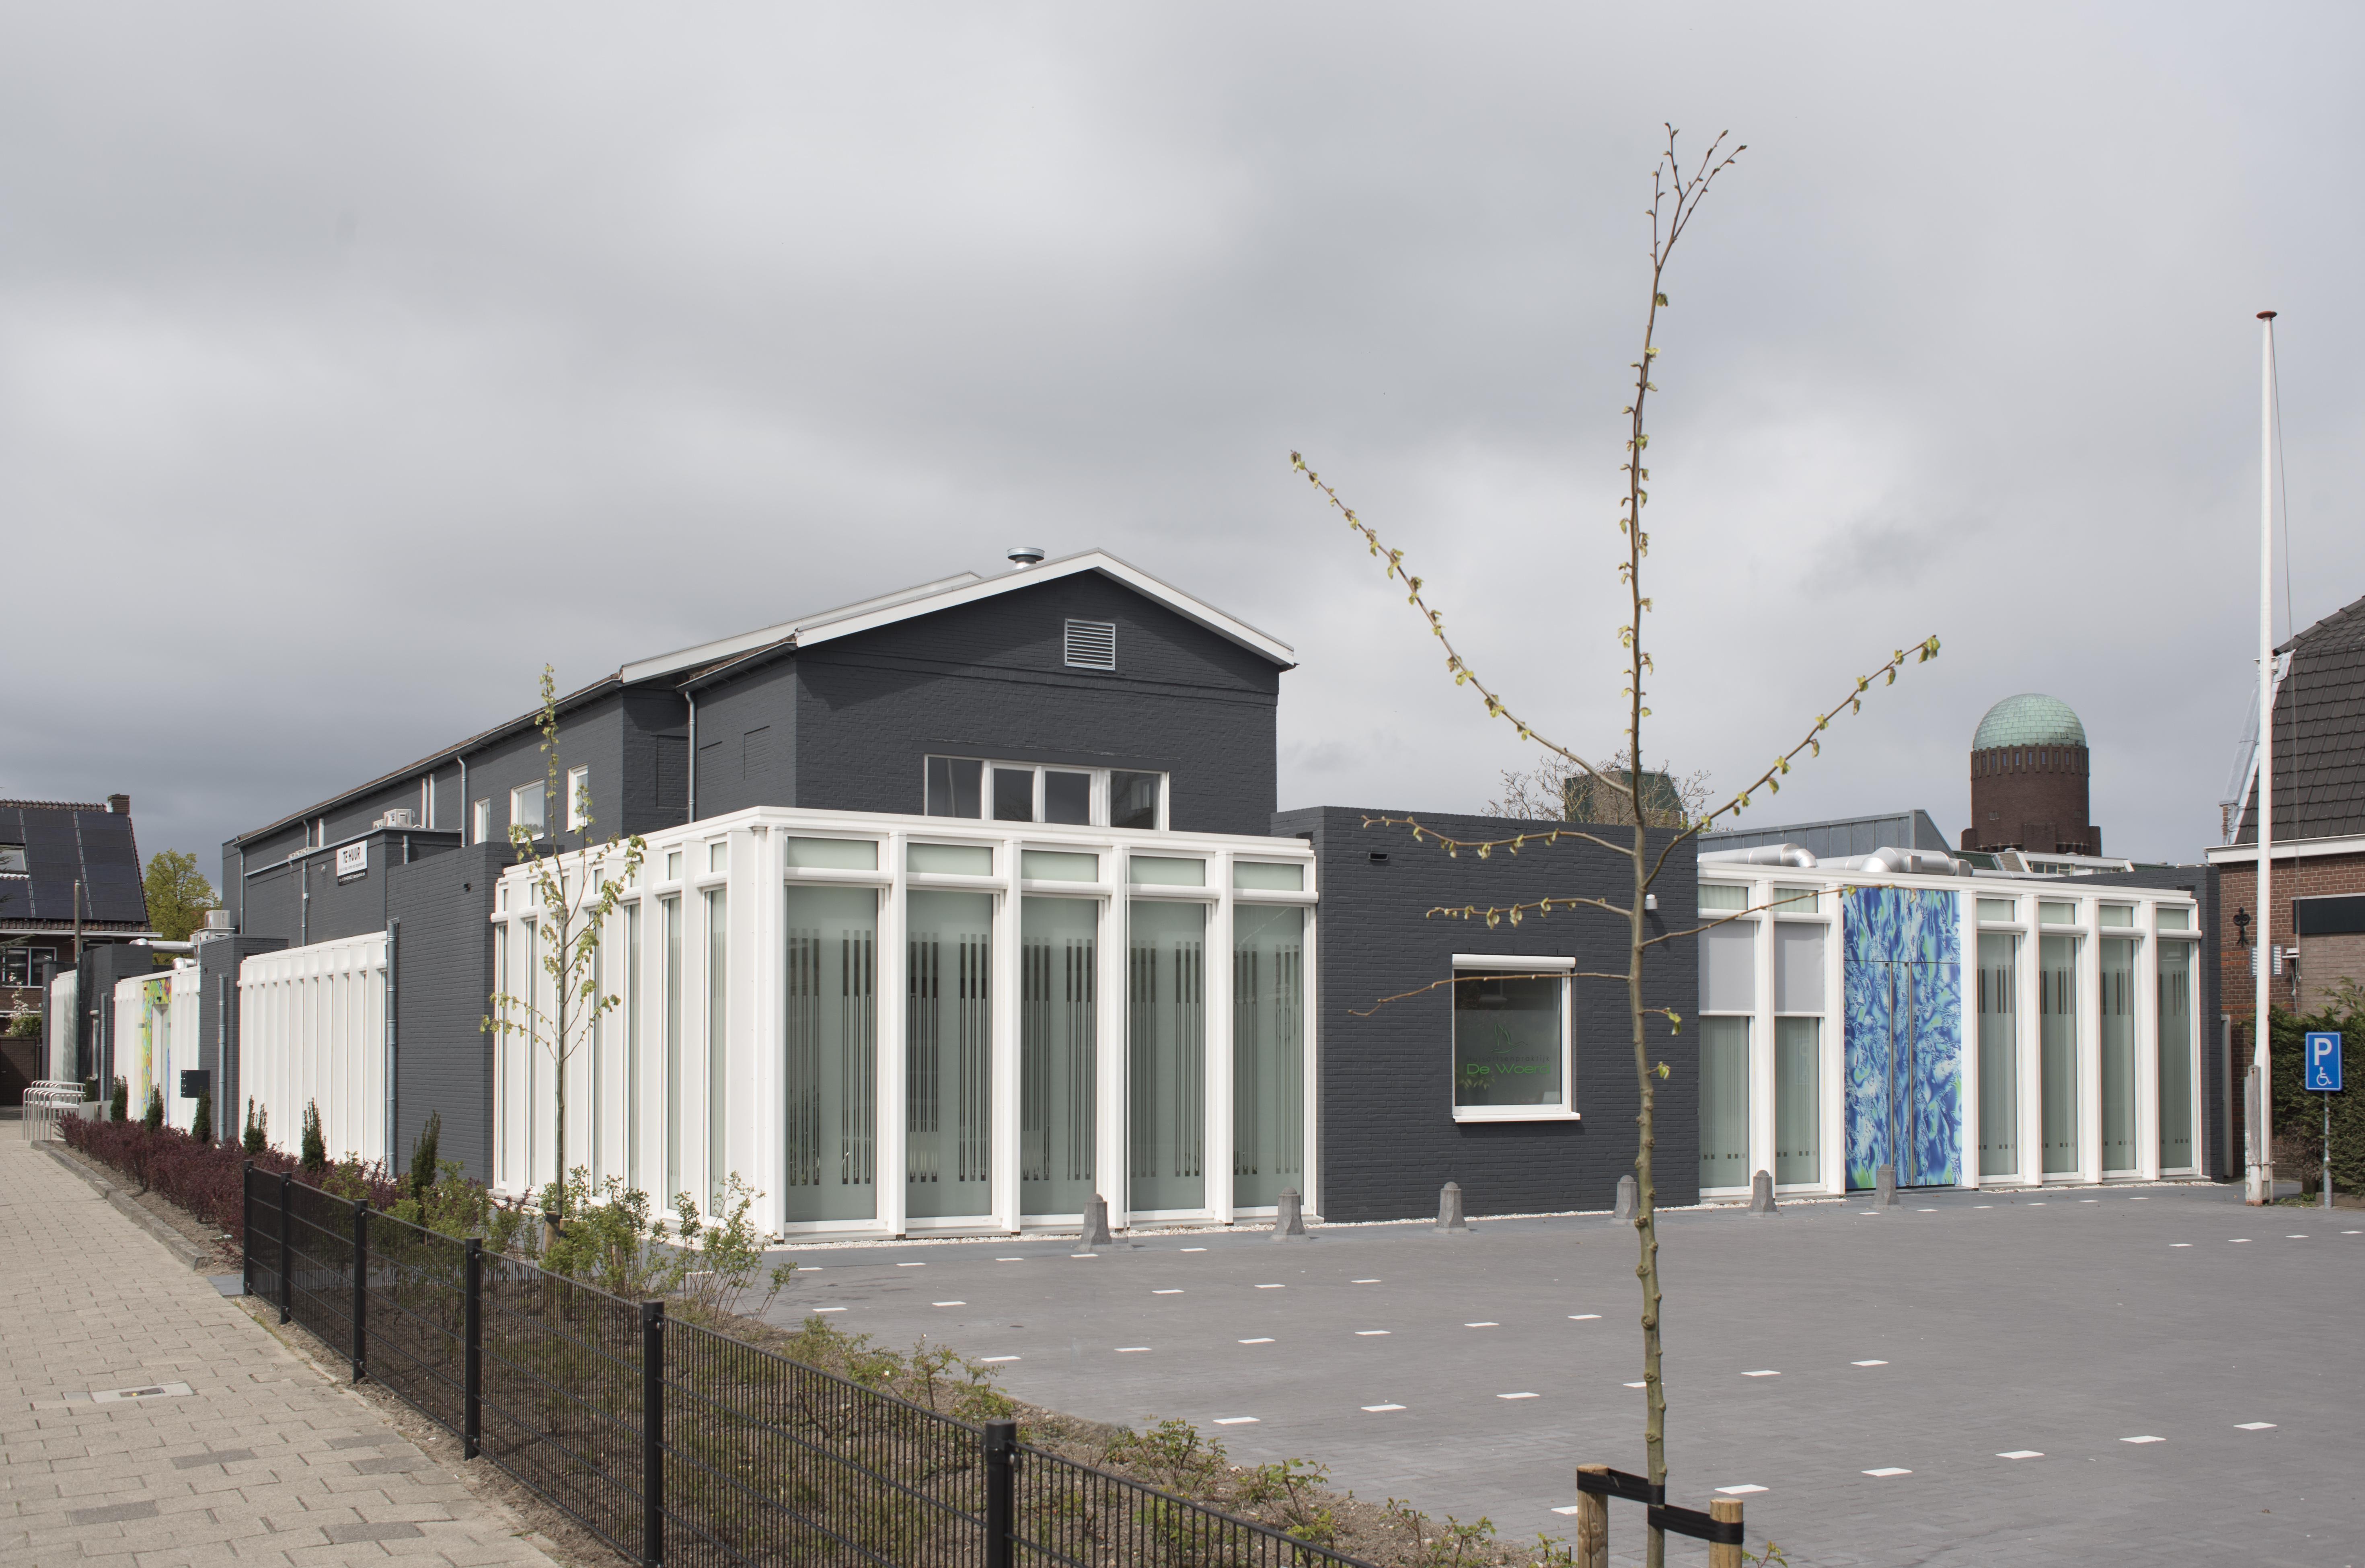 <p>Gezondheidscentrum De Kandelaar aan de Verdilaan te Naaldwijk &#8211; HET architectenbureau</p>